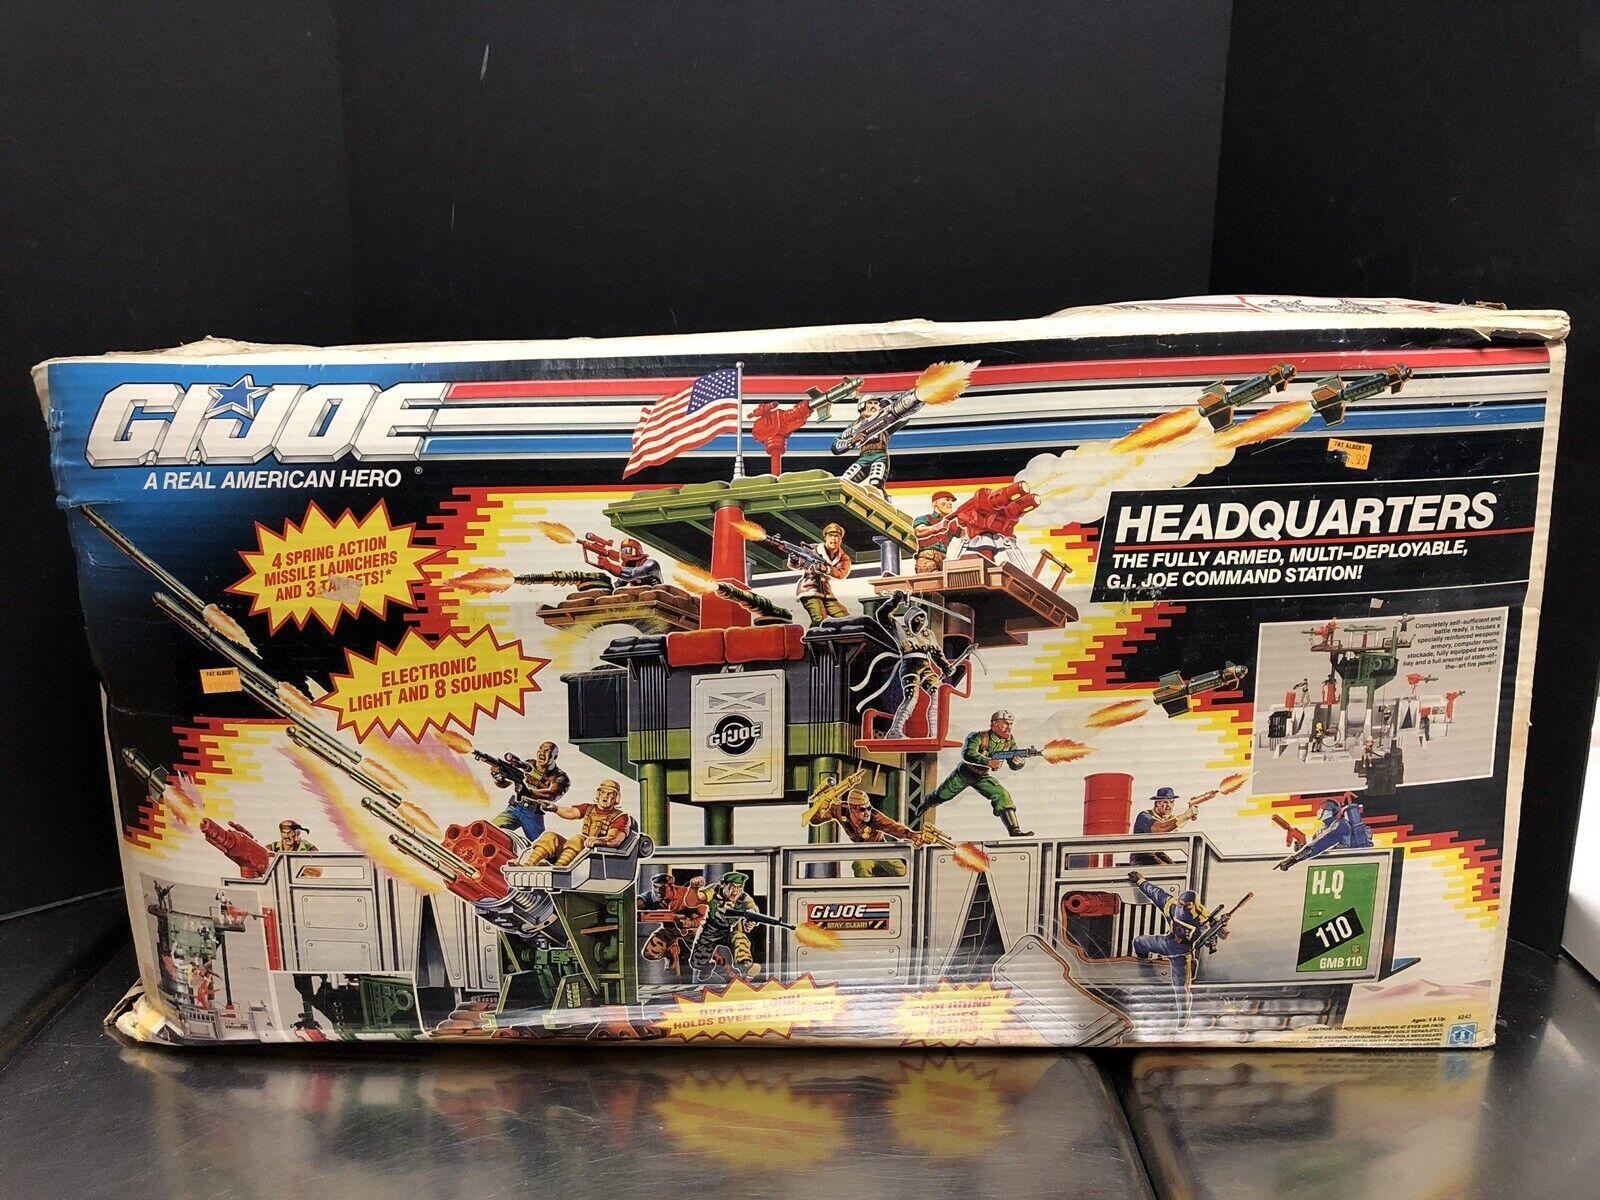 Gi Joe 1991 caja sellada de las oficinas centrales que 0161